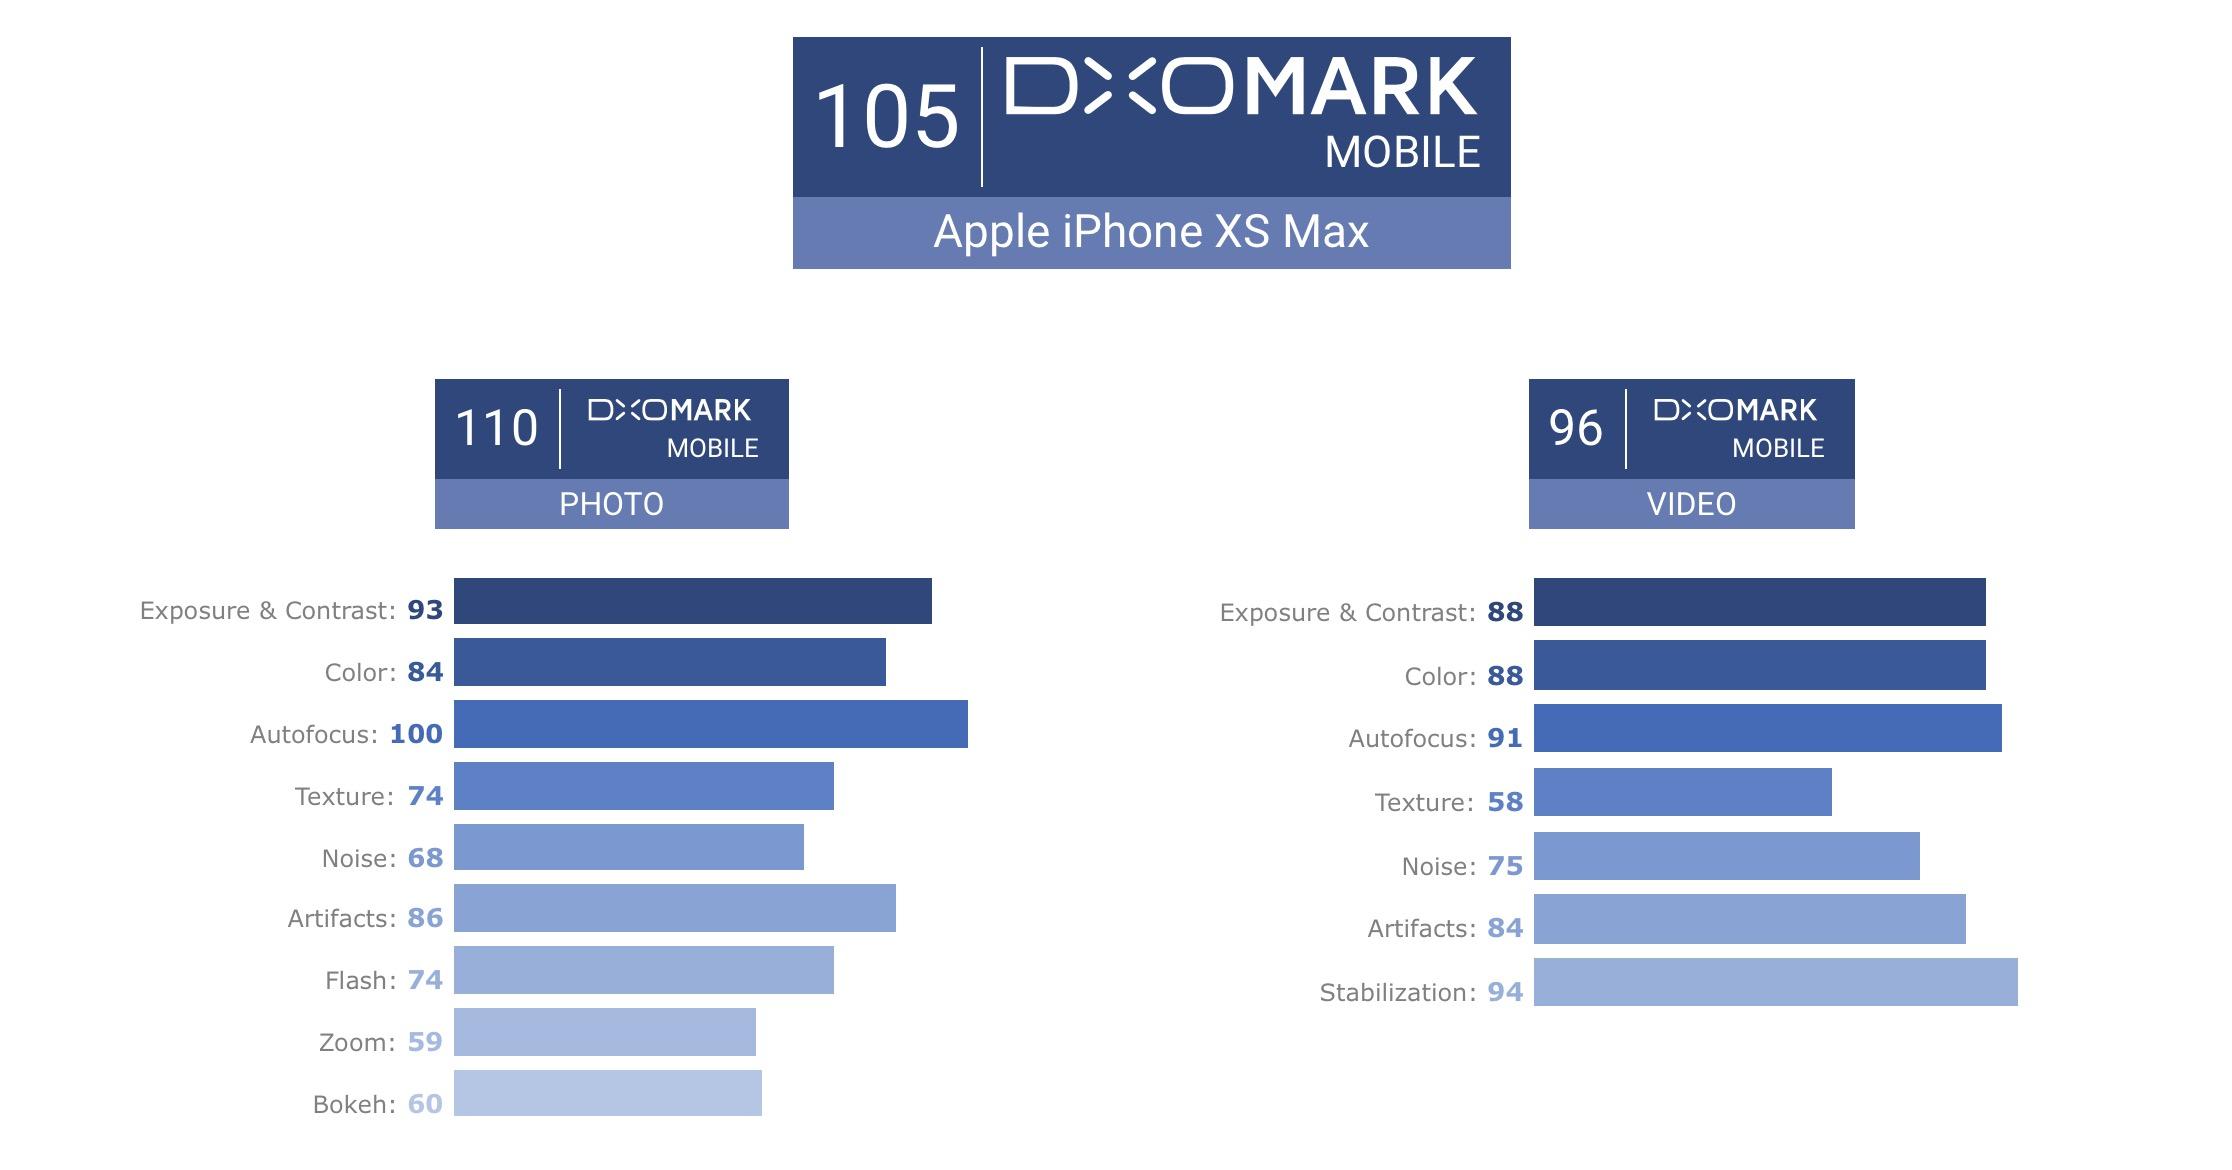 DXOMARK_iPhoneXS_XSMAX.jpg